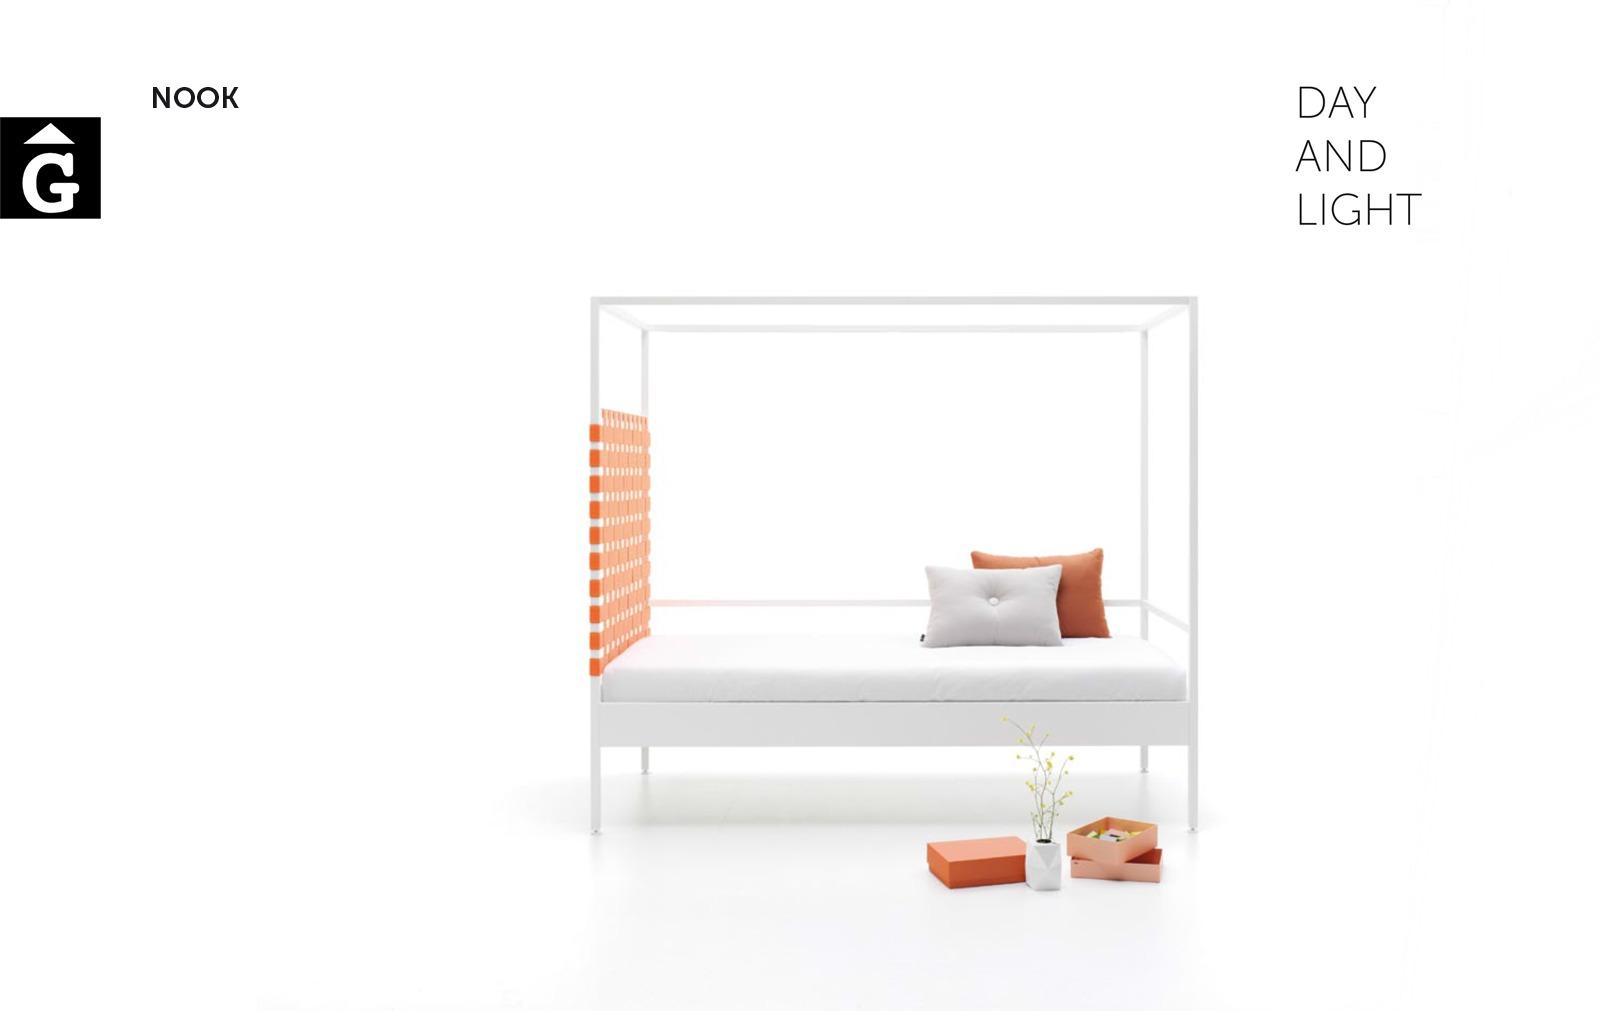 4-nook-llit-individual-singular-disseny-carlos-tiscar-para-muebles-jjp-presentat-per-mobles-gifreu-distribuidor-oficial